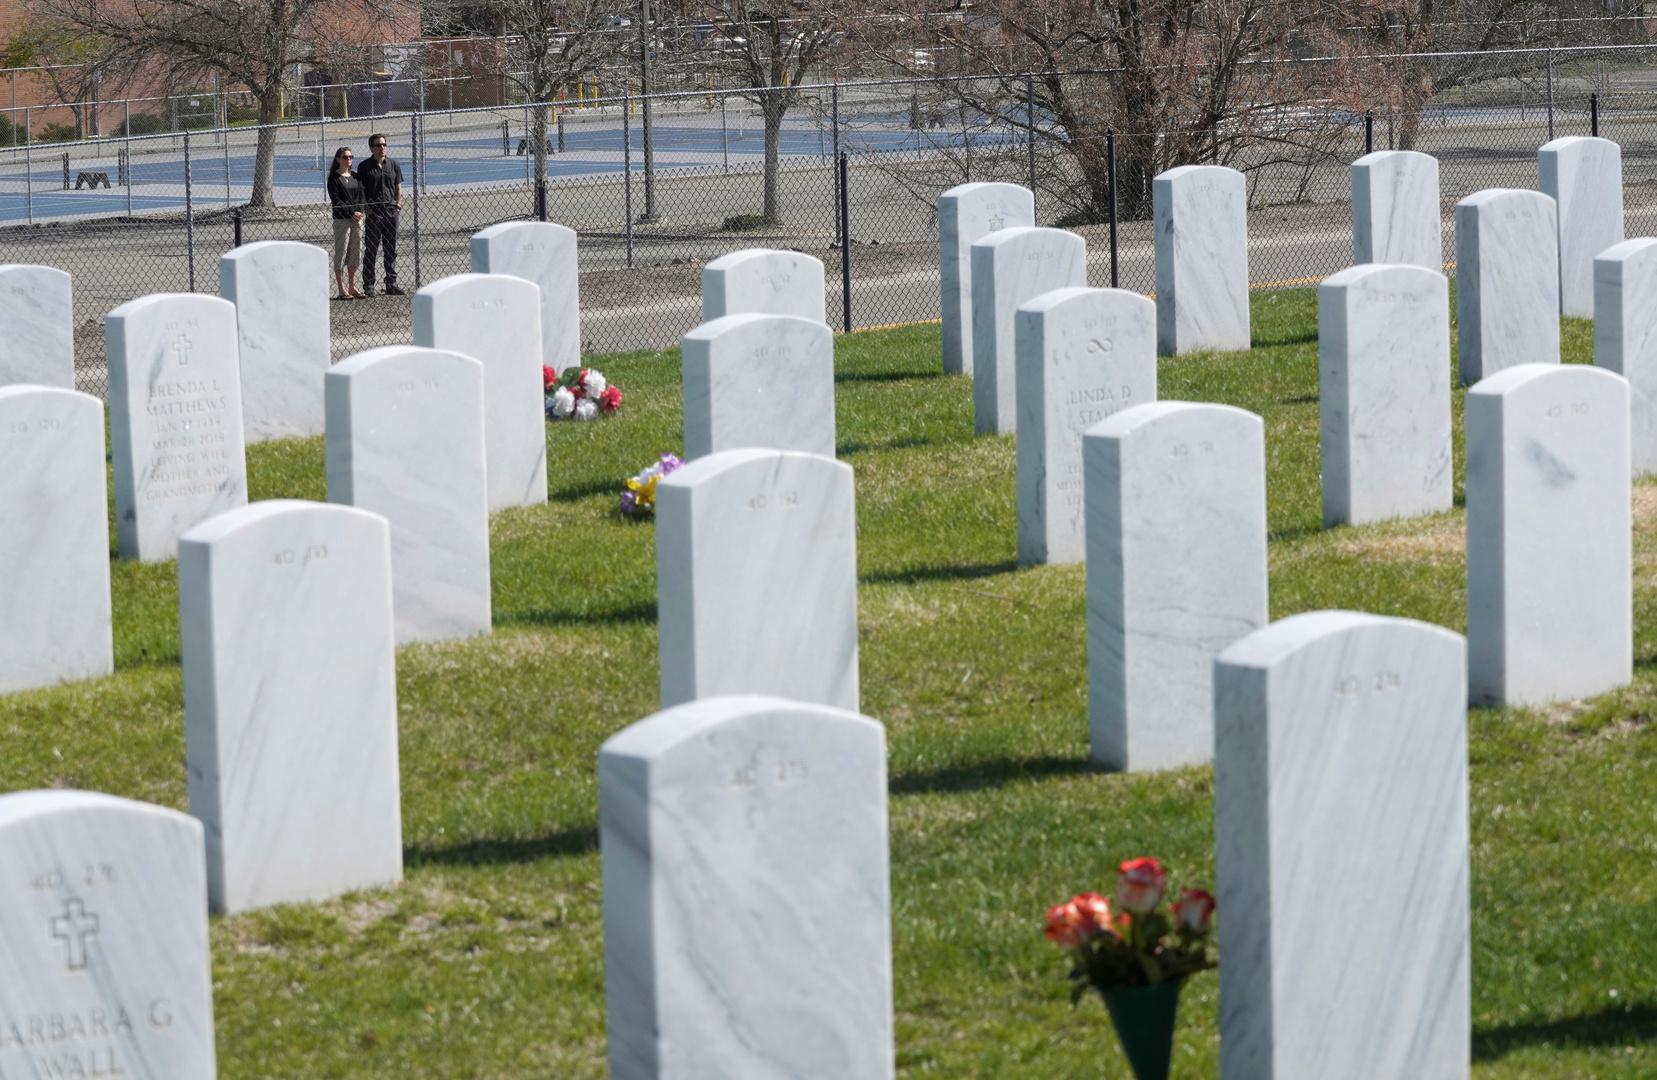 وسائل إعلام: عدد ضحايا كورونا في أمريكا يتجاوز خسائر حرب فيتنام